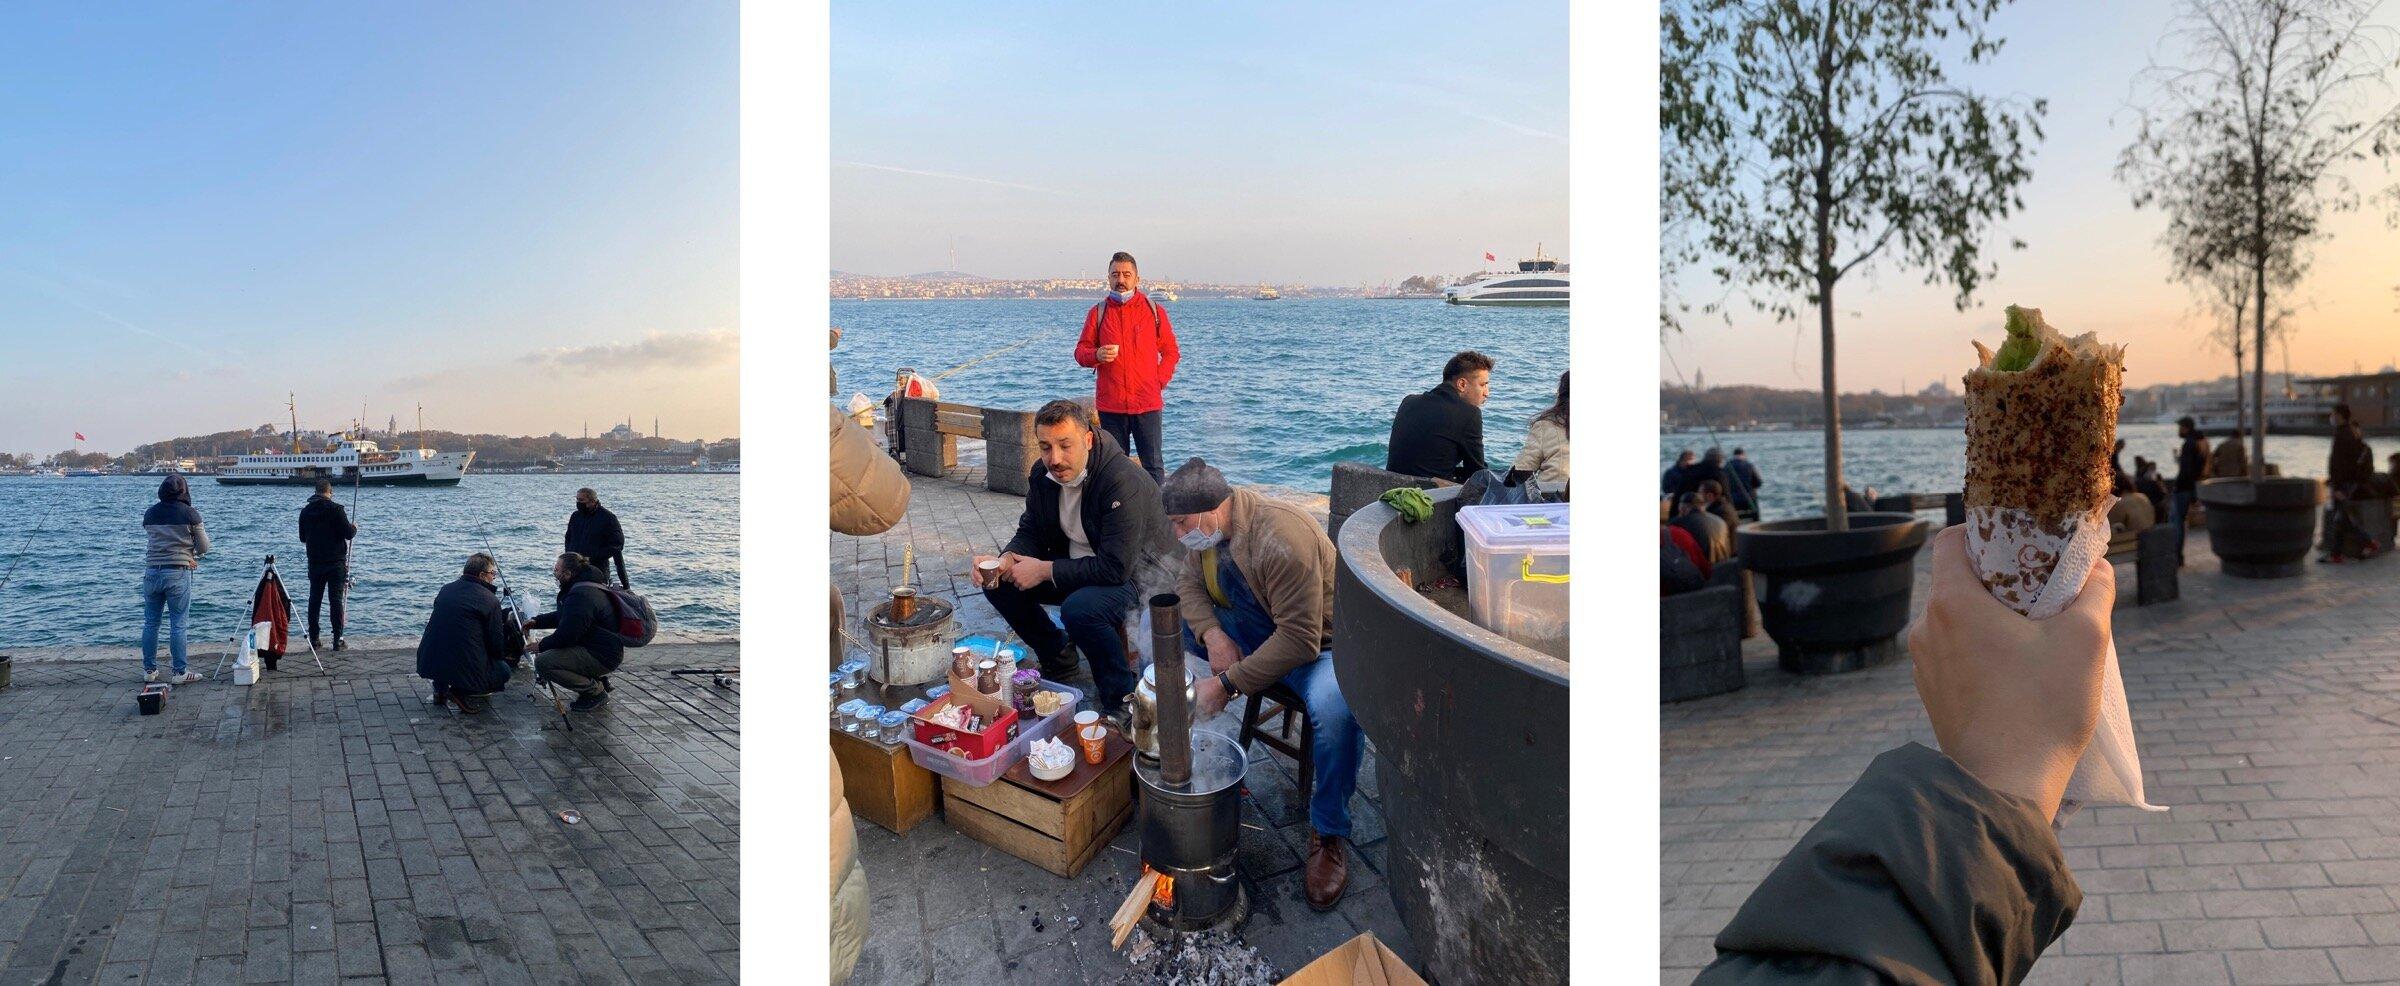 Рыбаки, импозантные деды за приготовлением чая и готовая покусанная шаурма на фоне Босфора